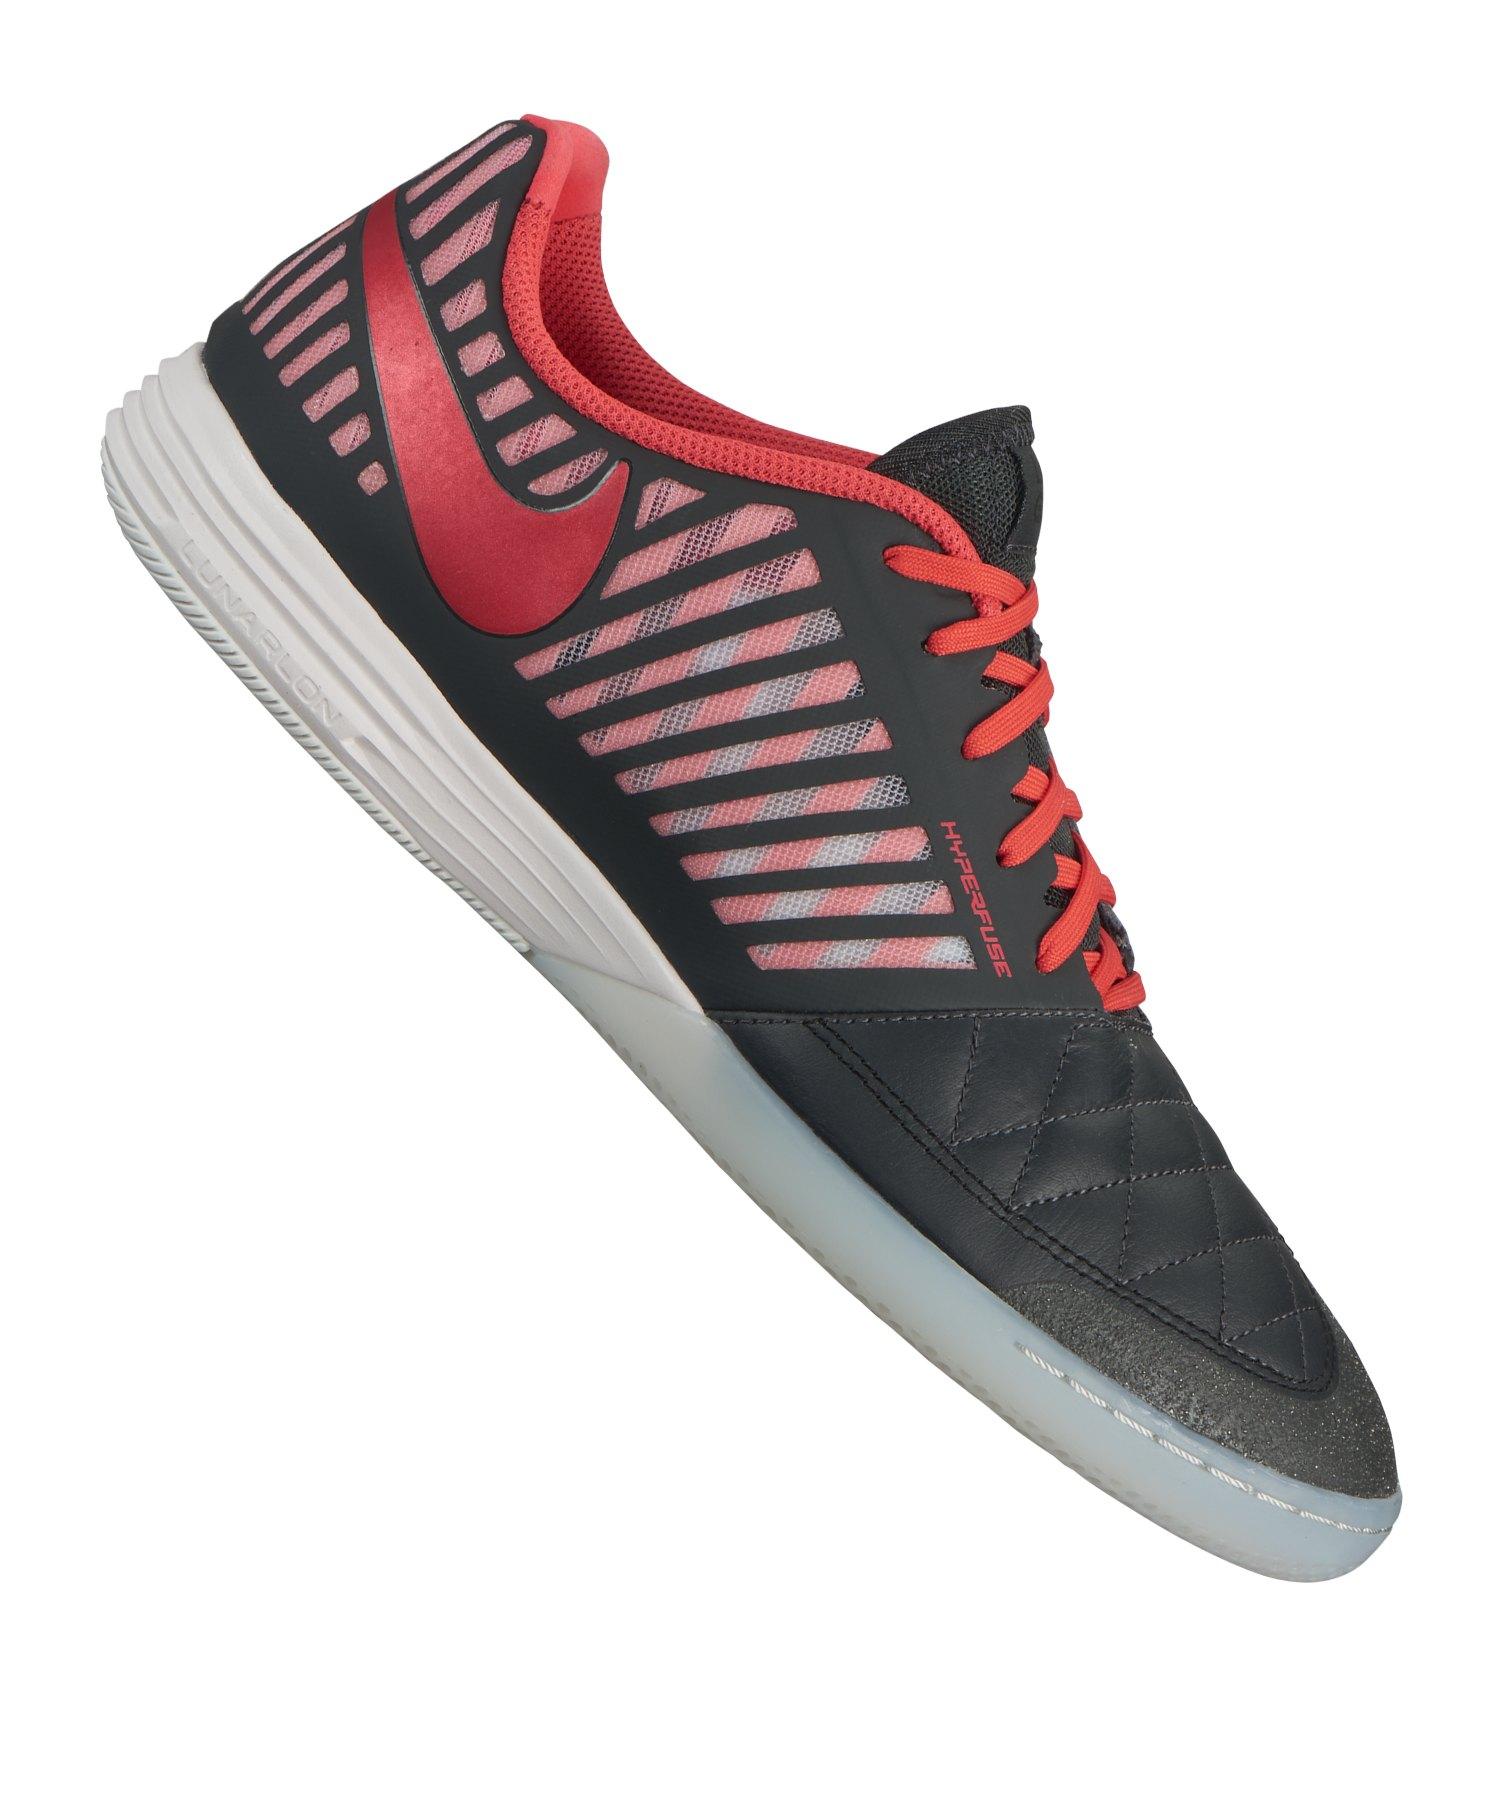 Nike Lunar Gato II Futsal IC Grau Rot F080 - Grau